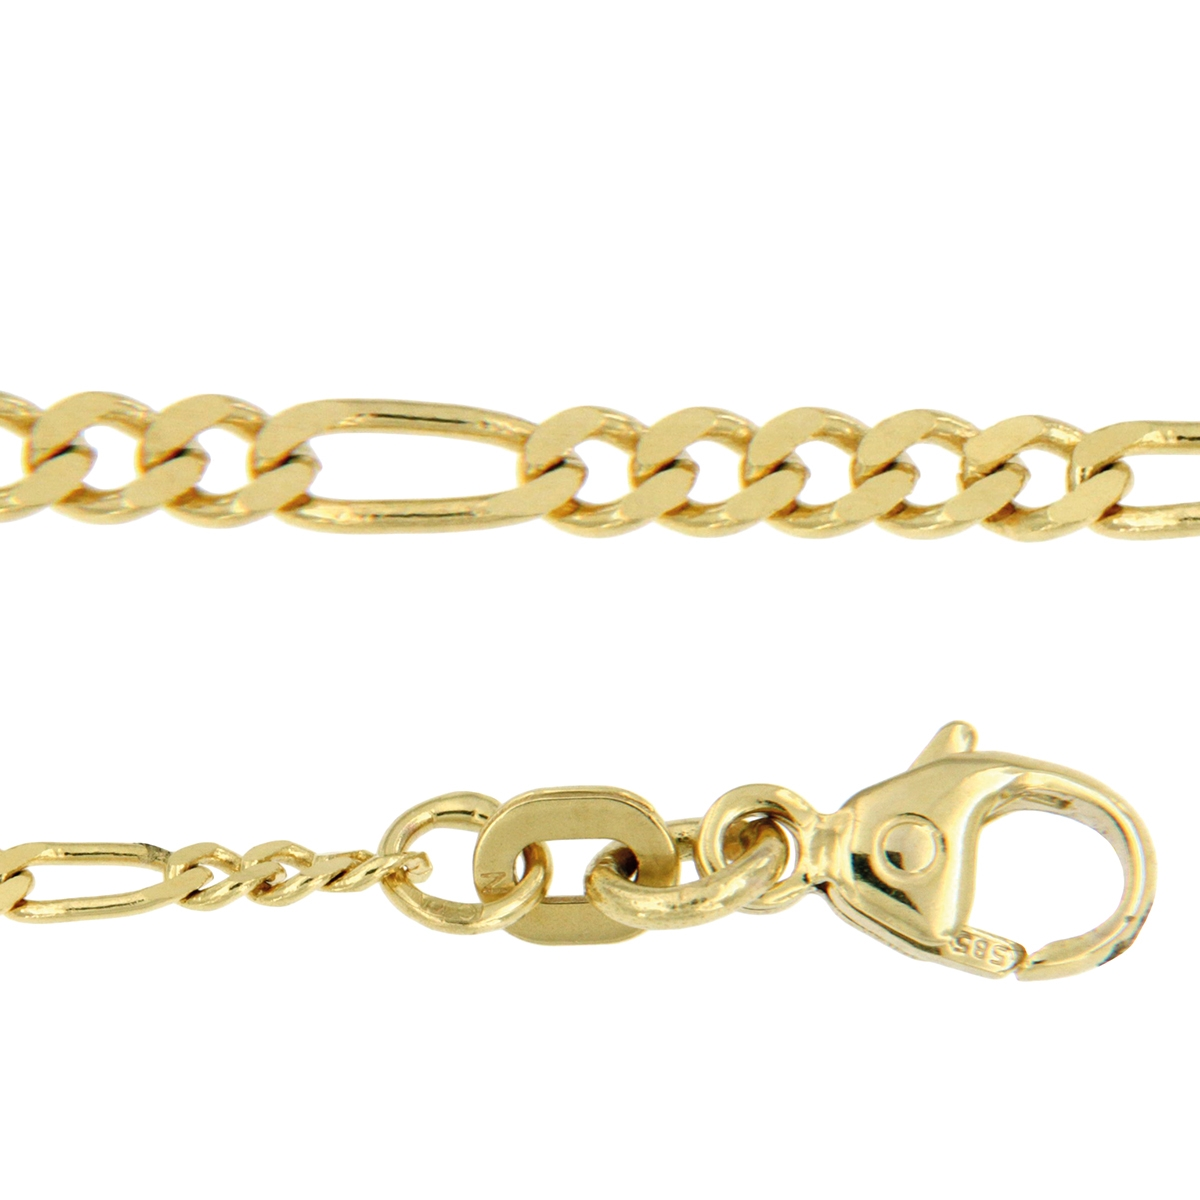 Basis armbanden